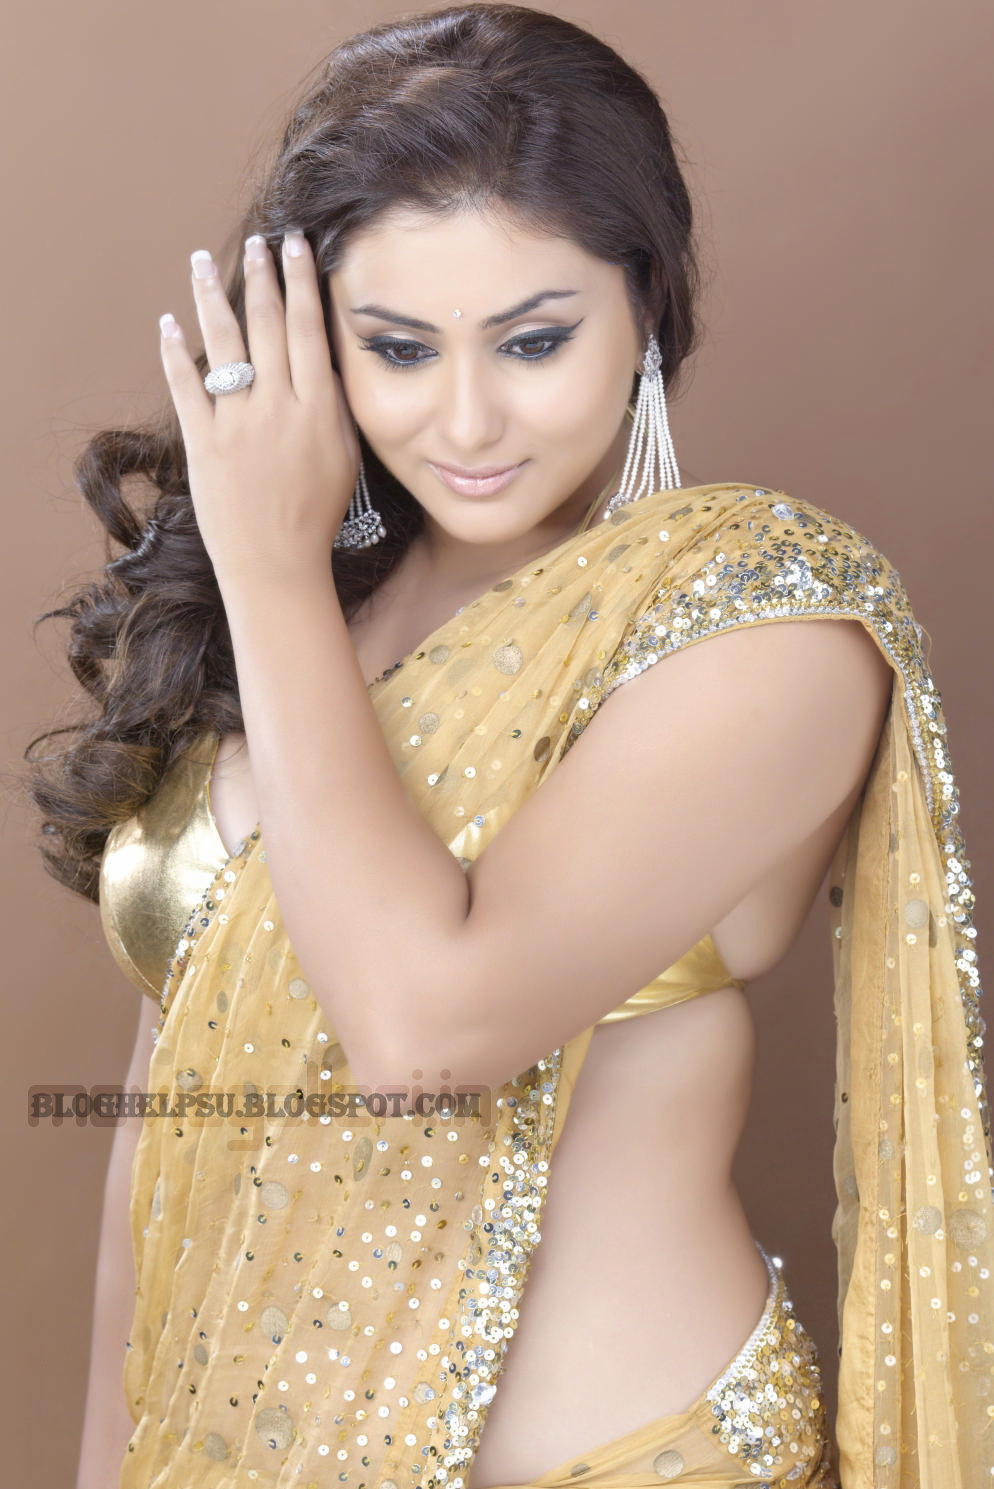 hot saree wallpapers